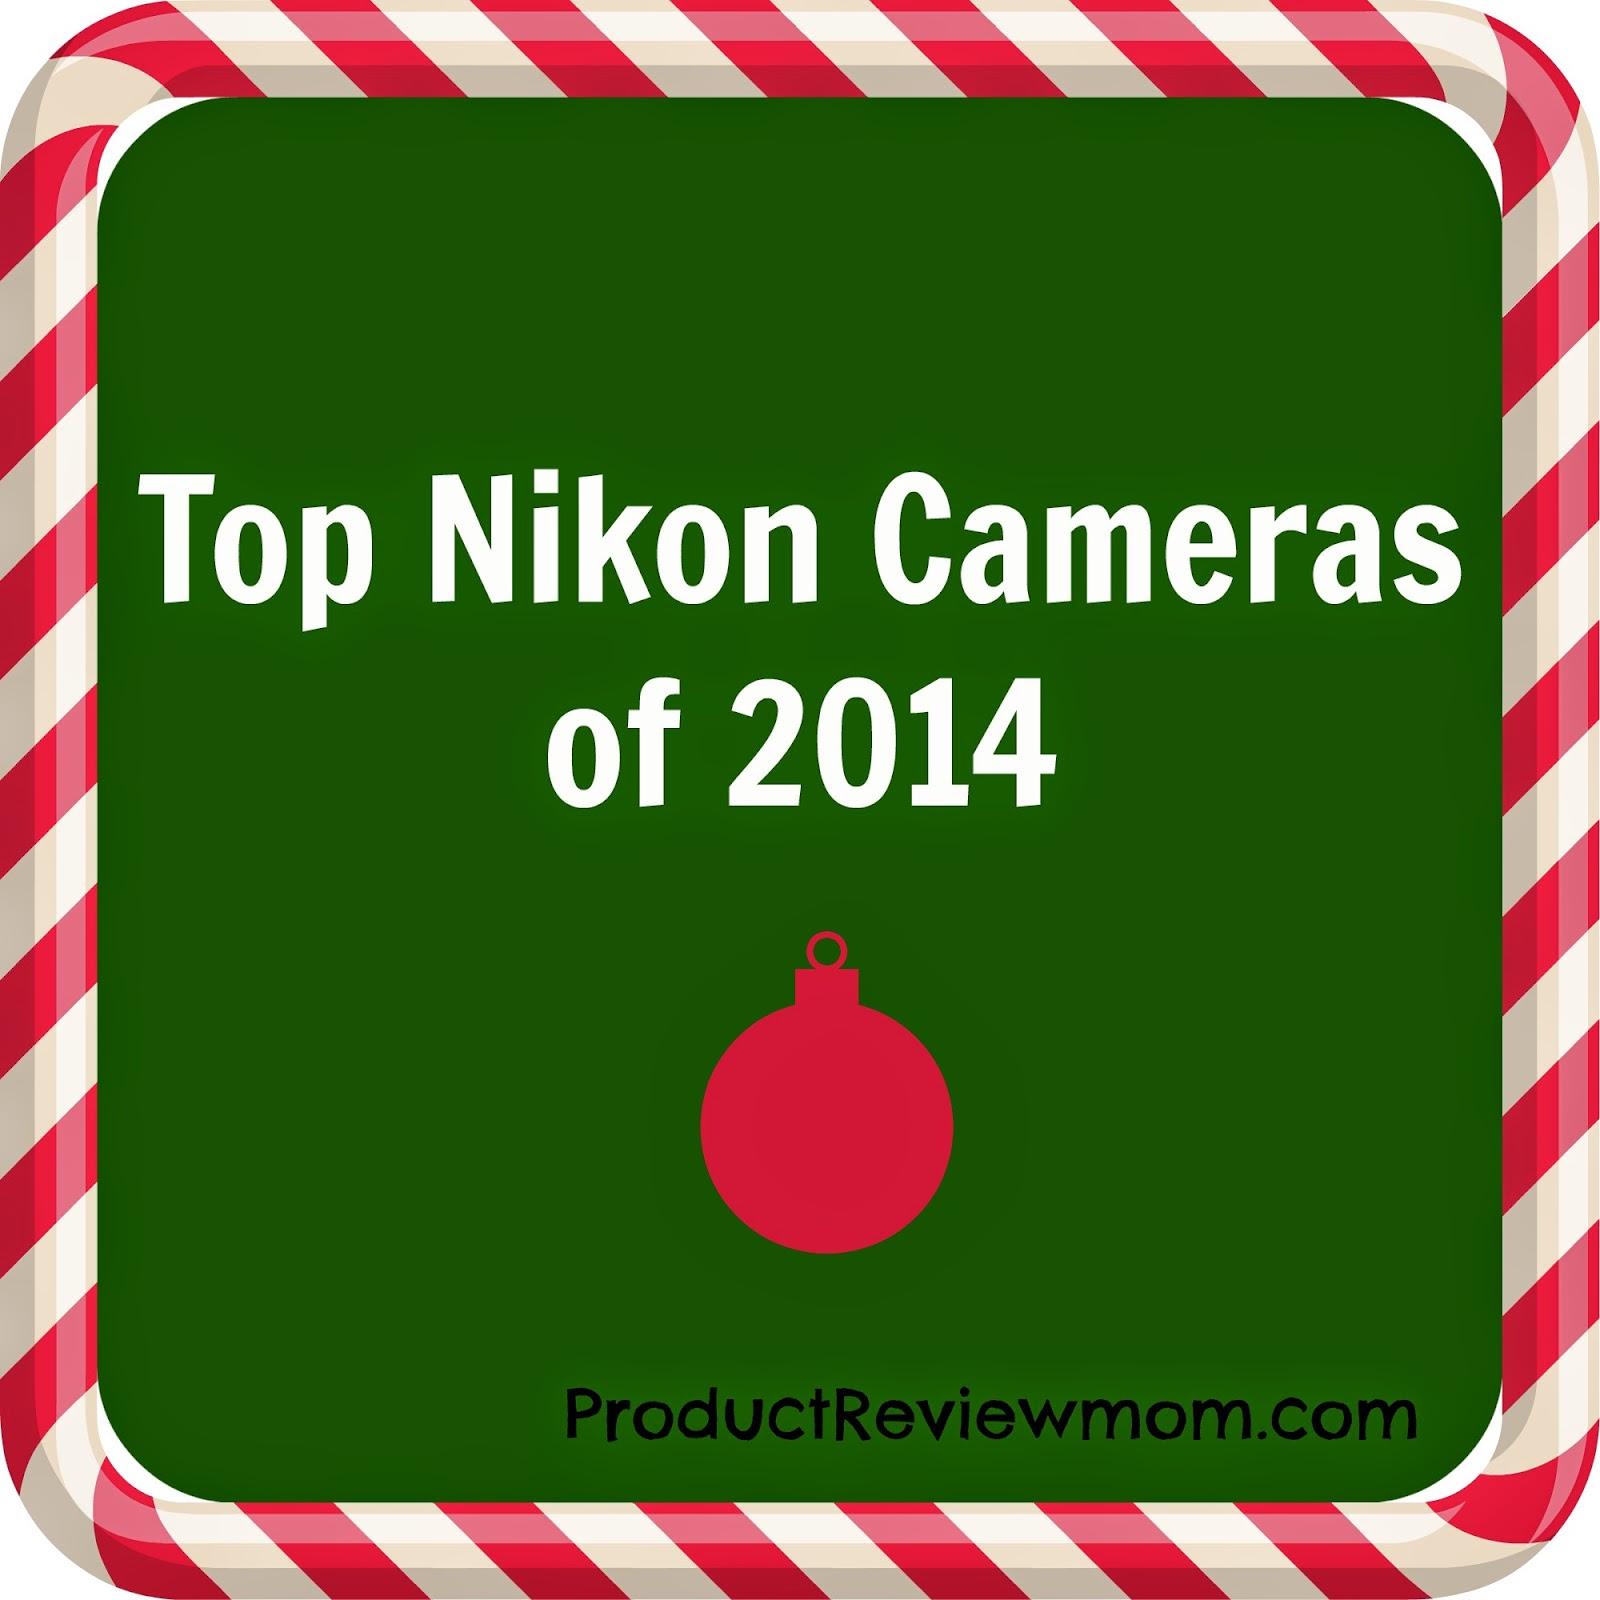 Top Nikon Cameras of 2014 #HolidayGiftGuide via www.productreviewmom.com